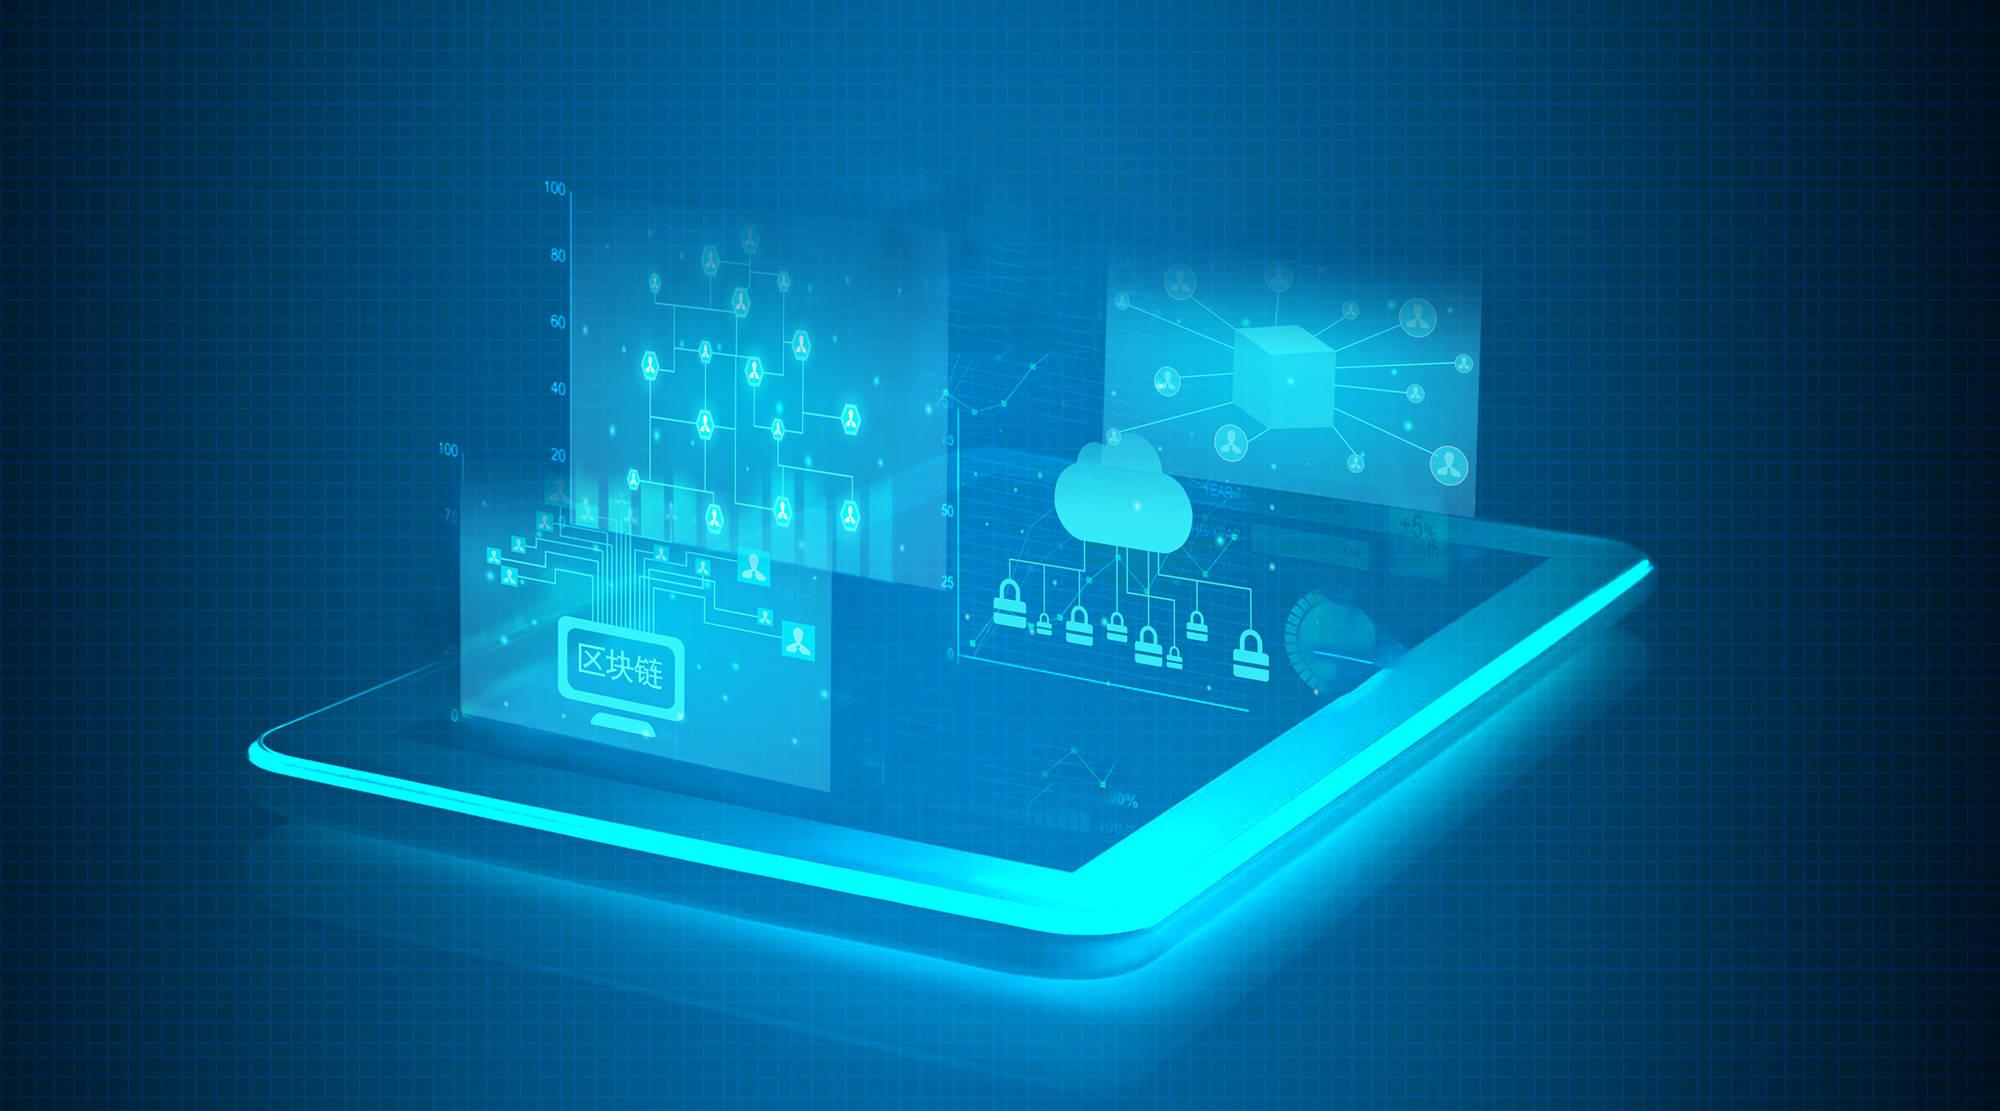 大数据学习之大数据开发涉及到的关键技术